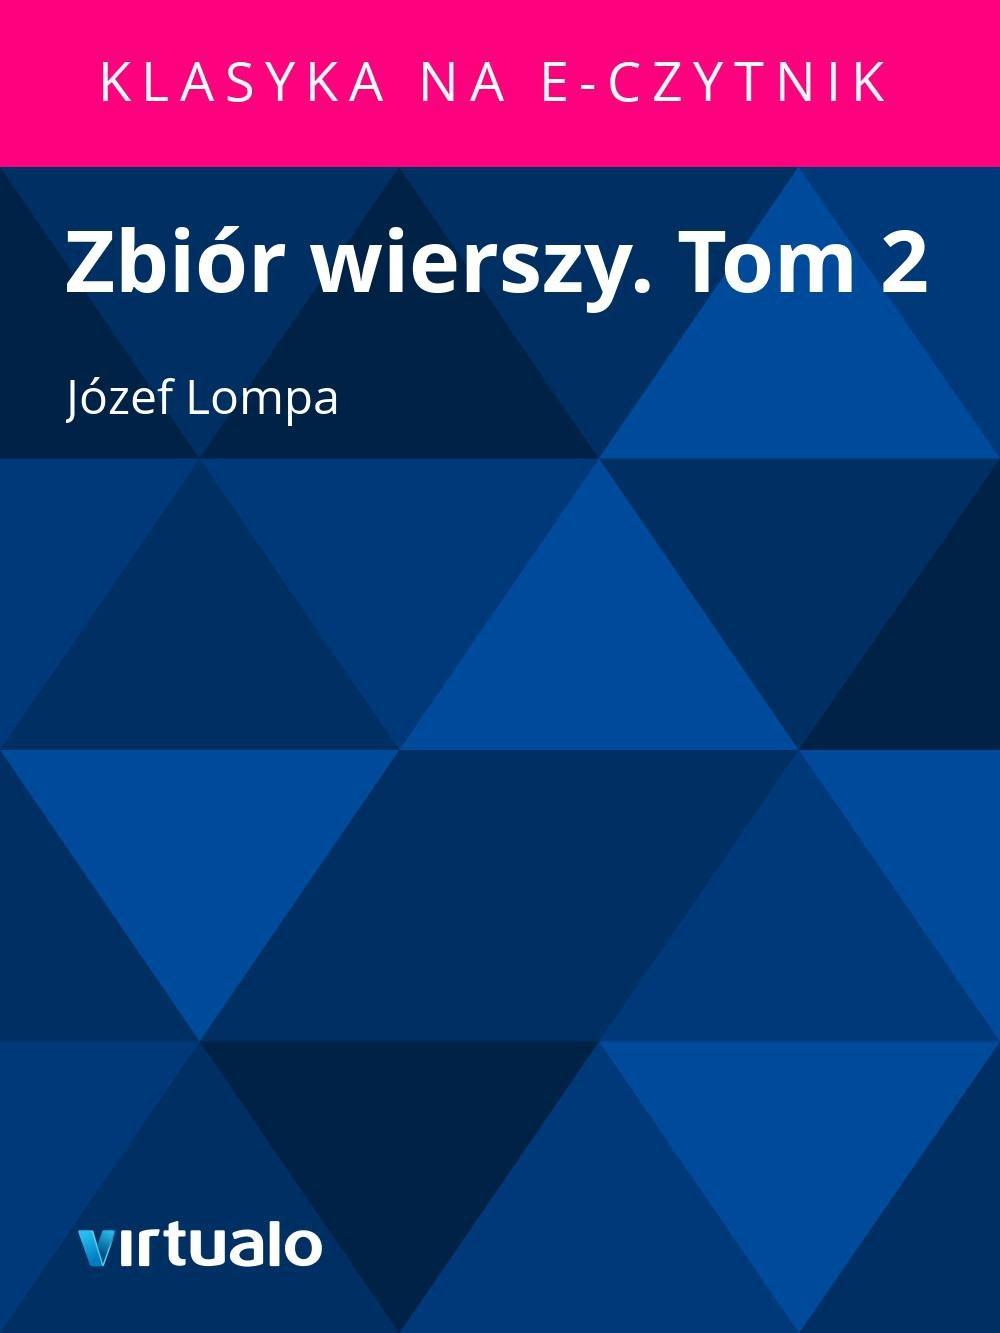 Zbiór wierszy. Tom 2 - Ebook (Książka EPUB) do pobrania w formacie EPUB